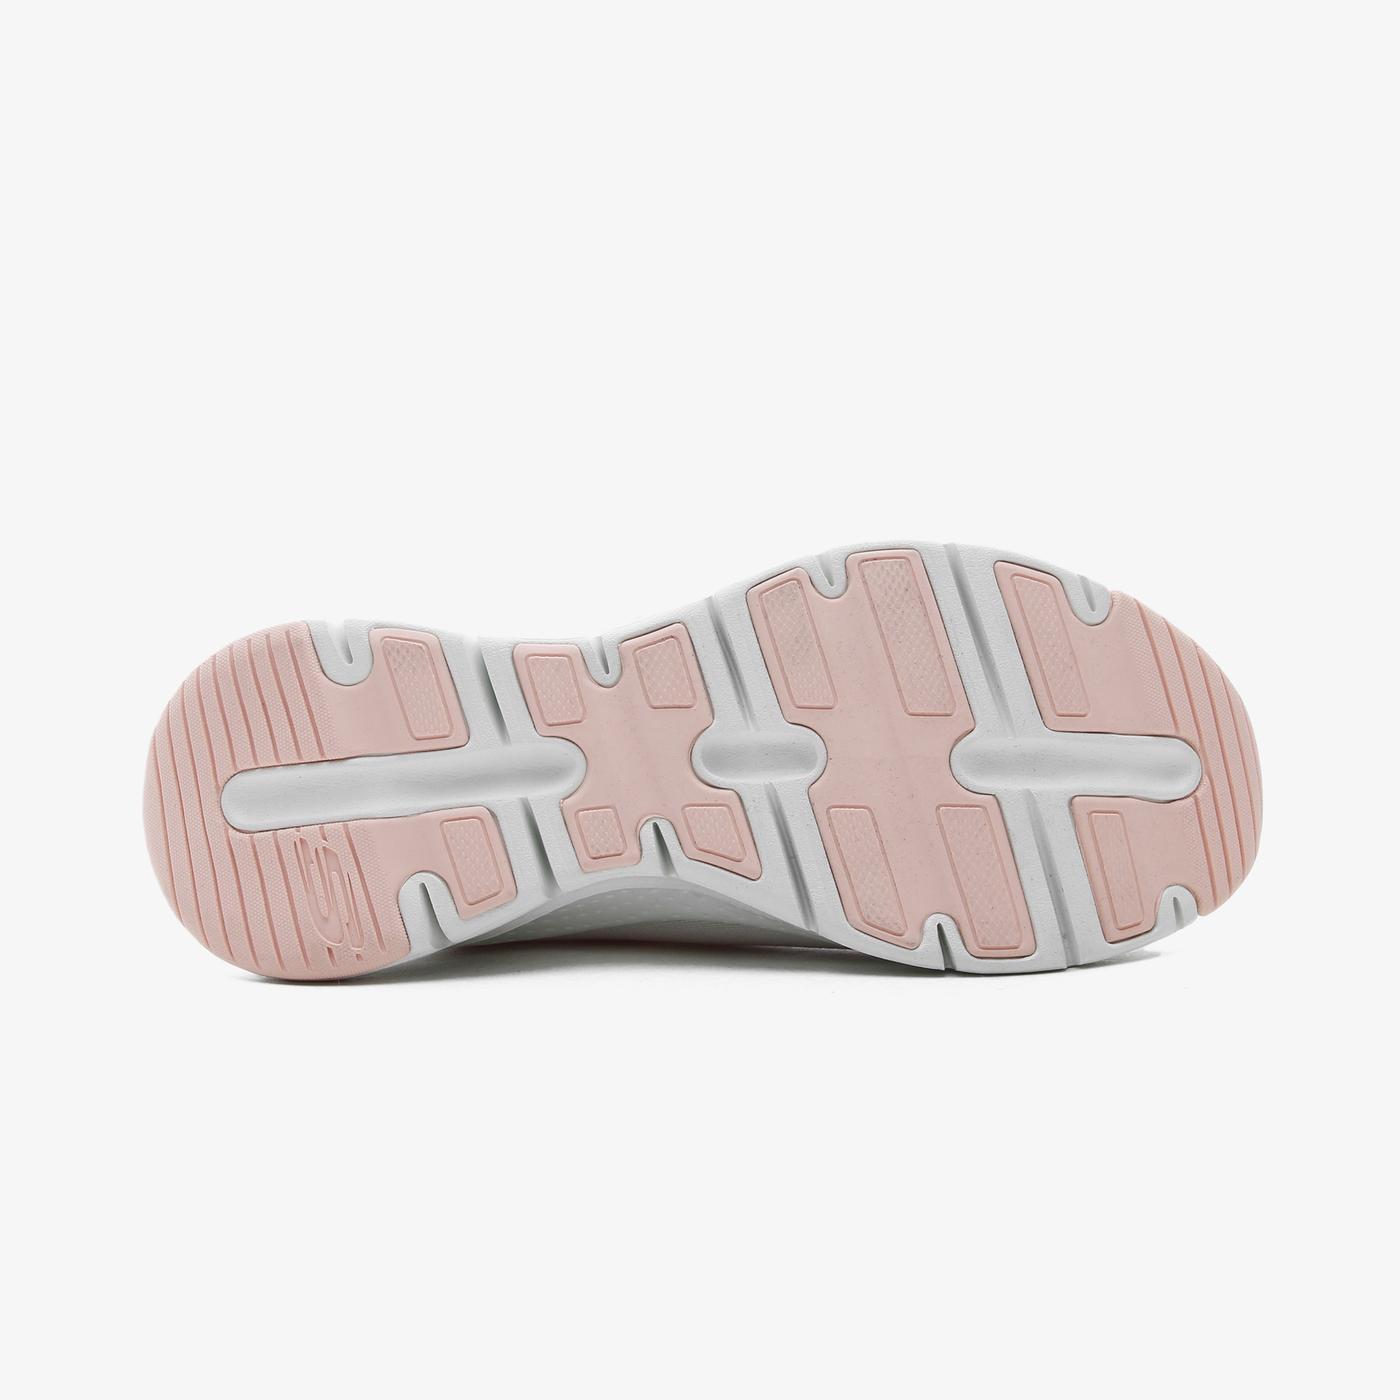 Skechers Arch Fit - Sunny Outlook Kadın Bej Spor Ayakkabı